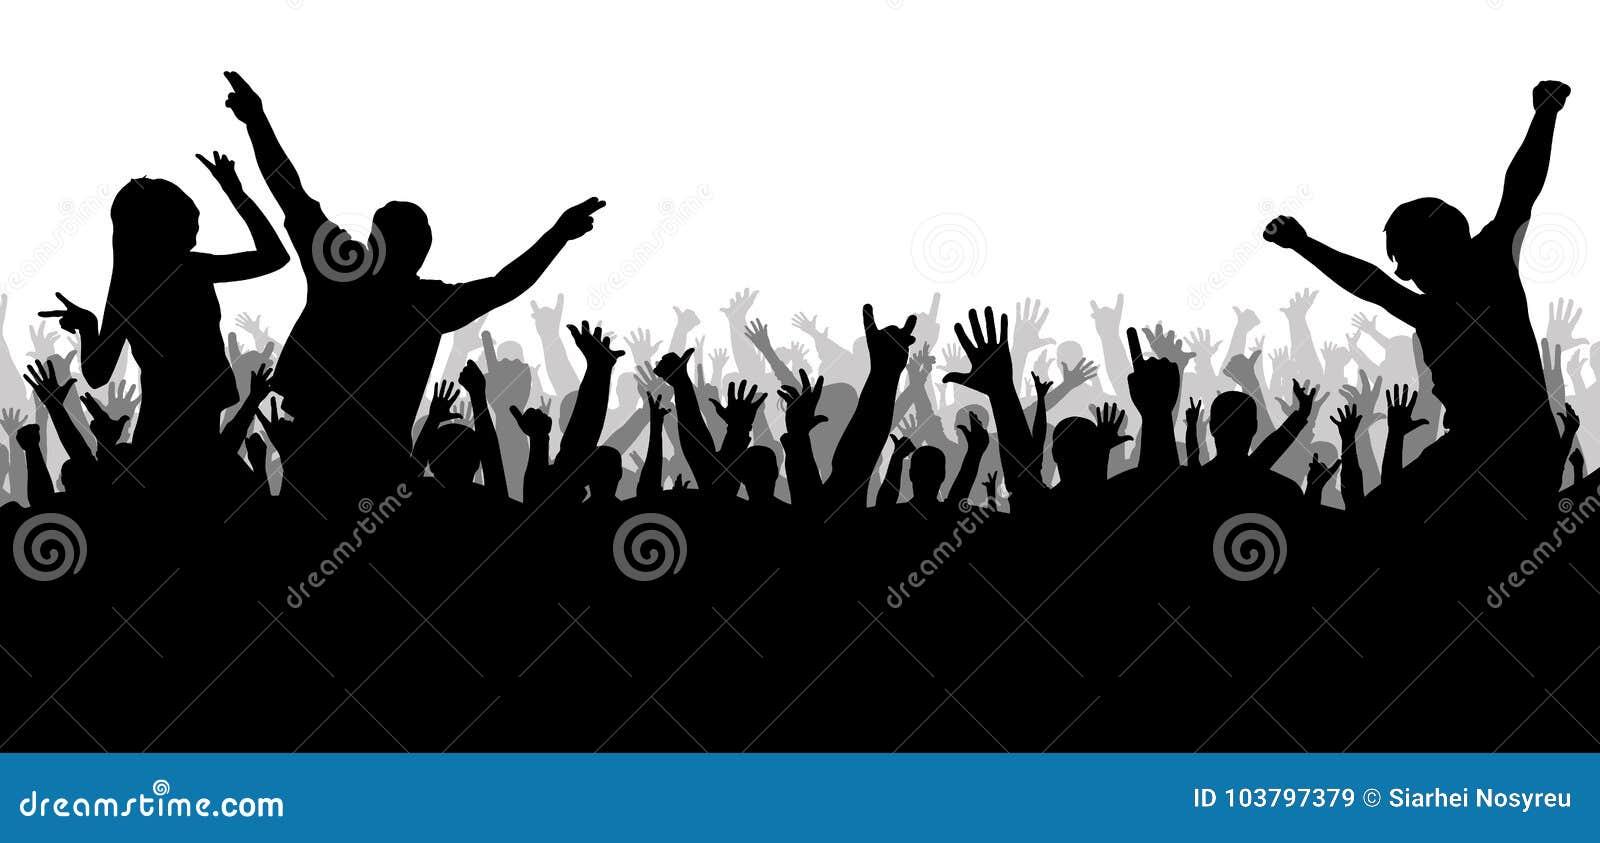 Konsertdisko som dansar folkmassakonturn